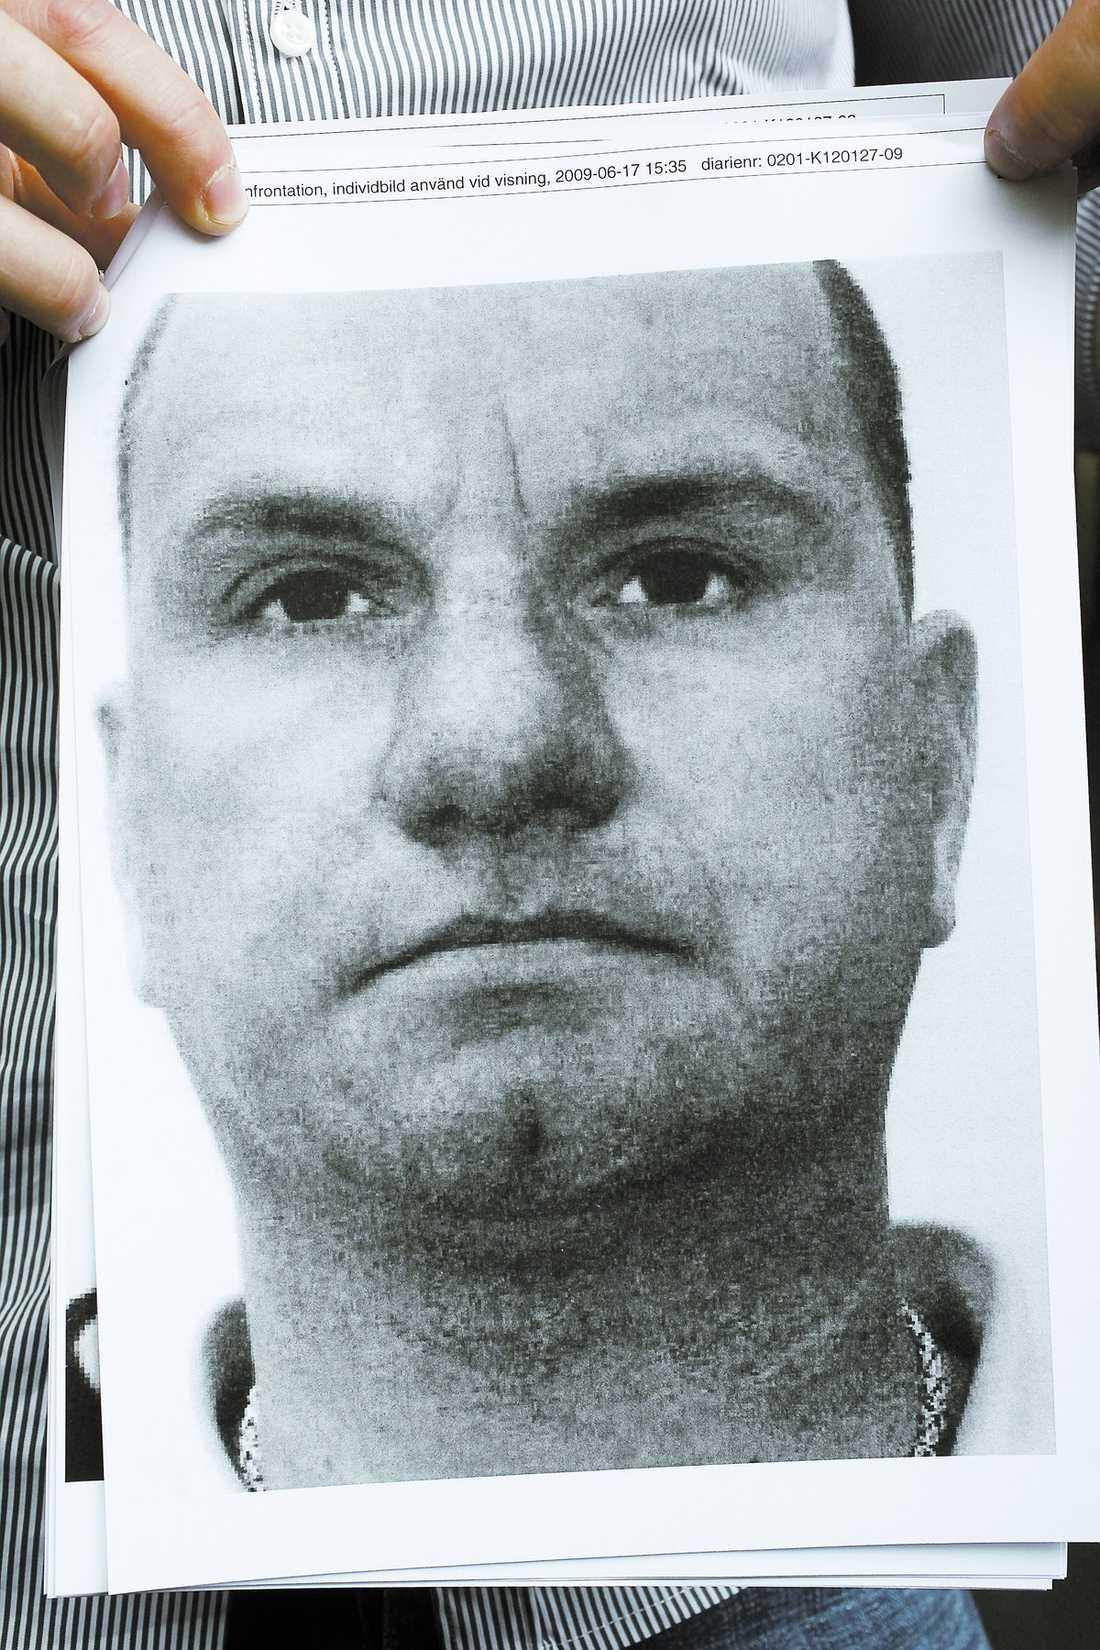 erkänner Håkan Hedning, 41, har tidigare dömts för flera våldsbrott. 1997 åkte Hedning in på sex år för grovt rån. 2003 dömdes han för medhjälp till grovt rån.